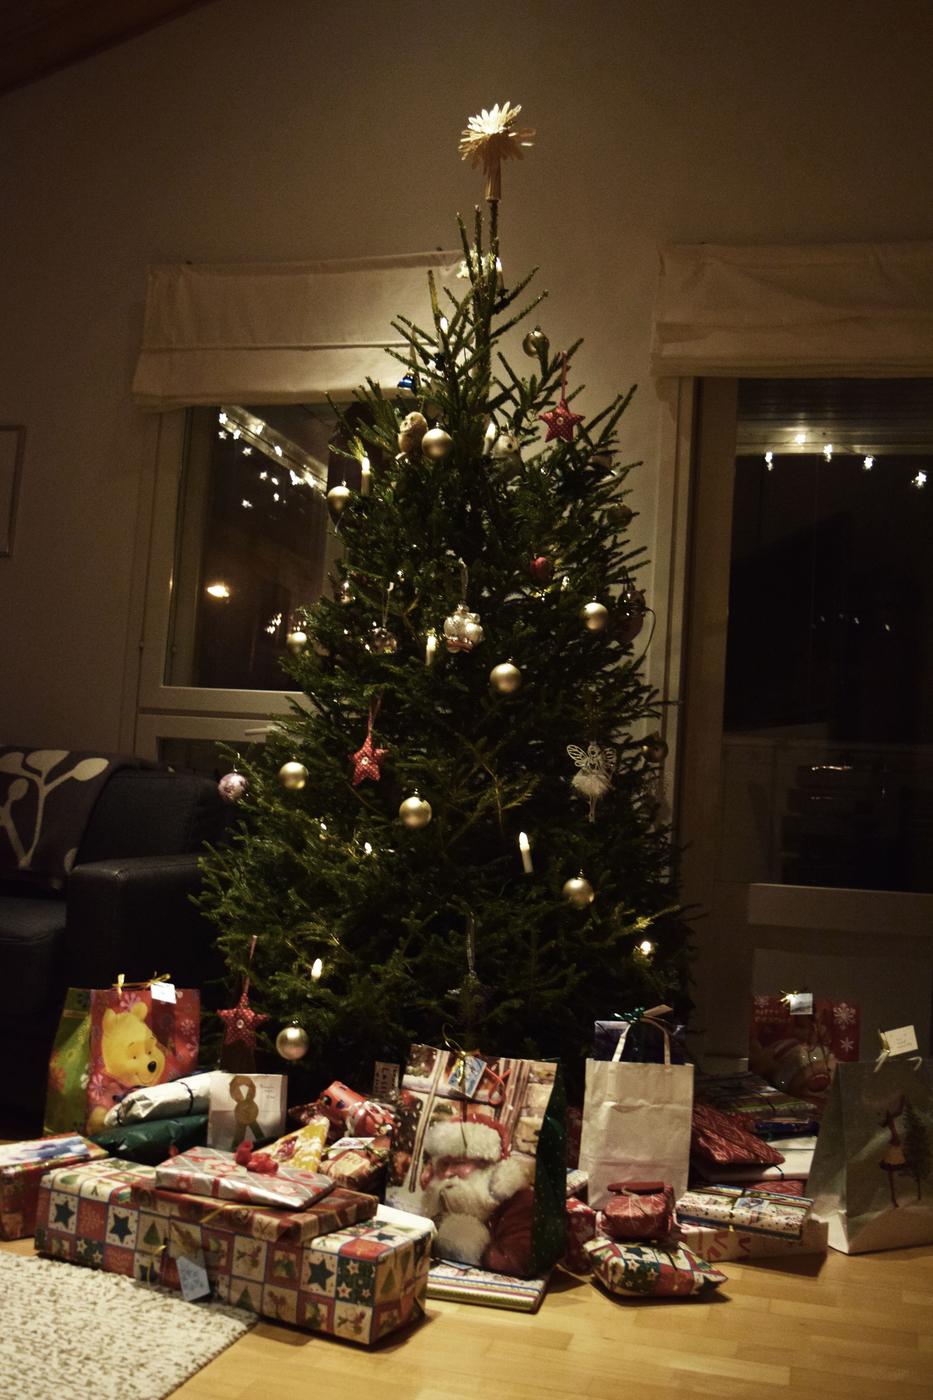 jouluaatto6.jpg